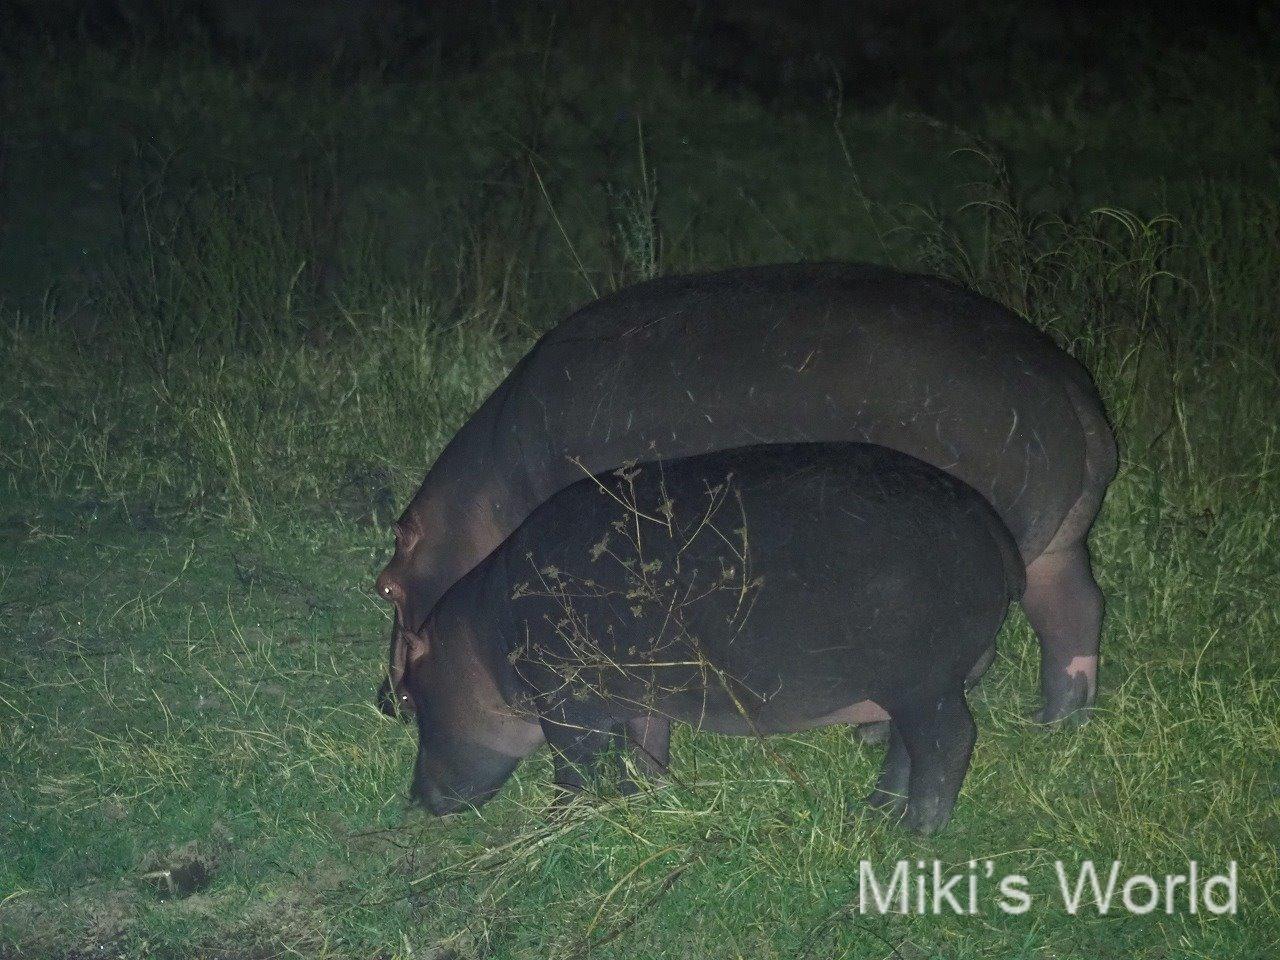 タンザニア南部 ルアハ国立公園からおやすみなさい!